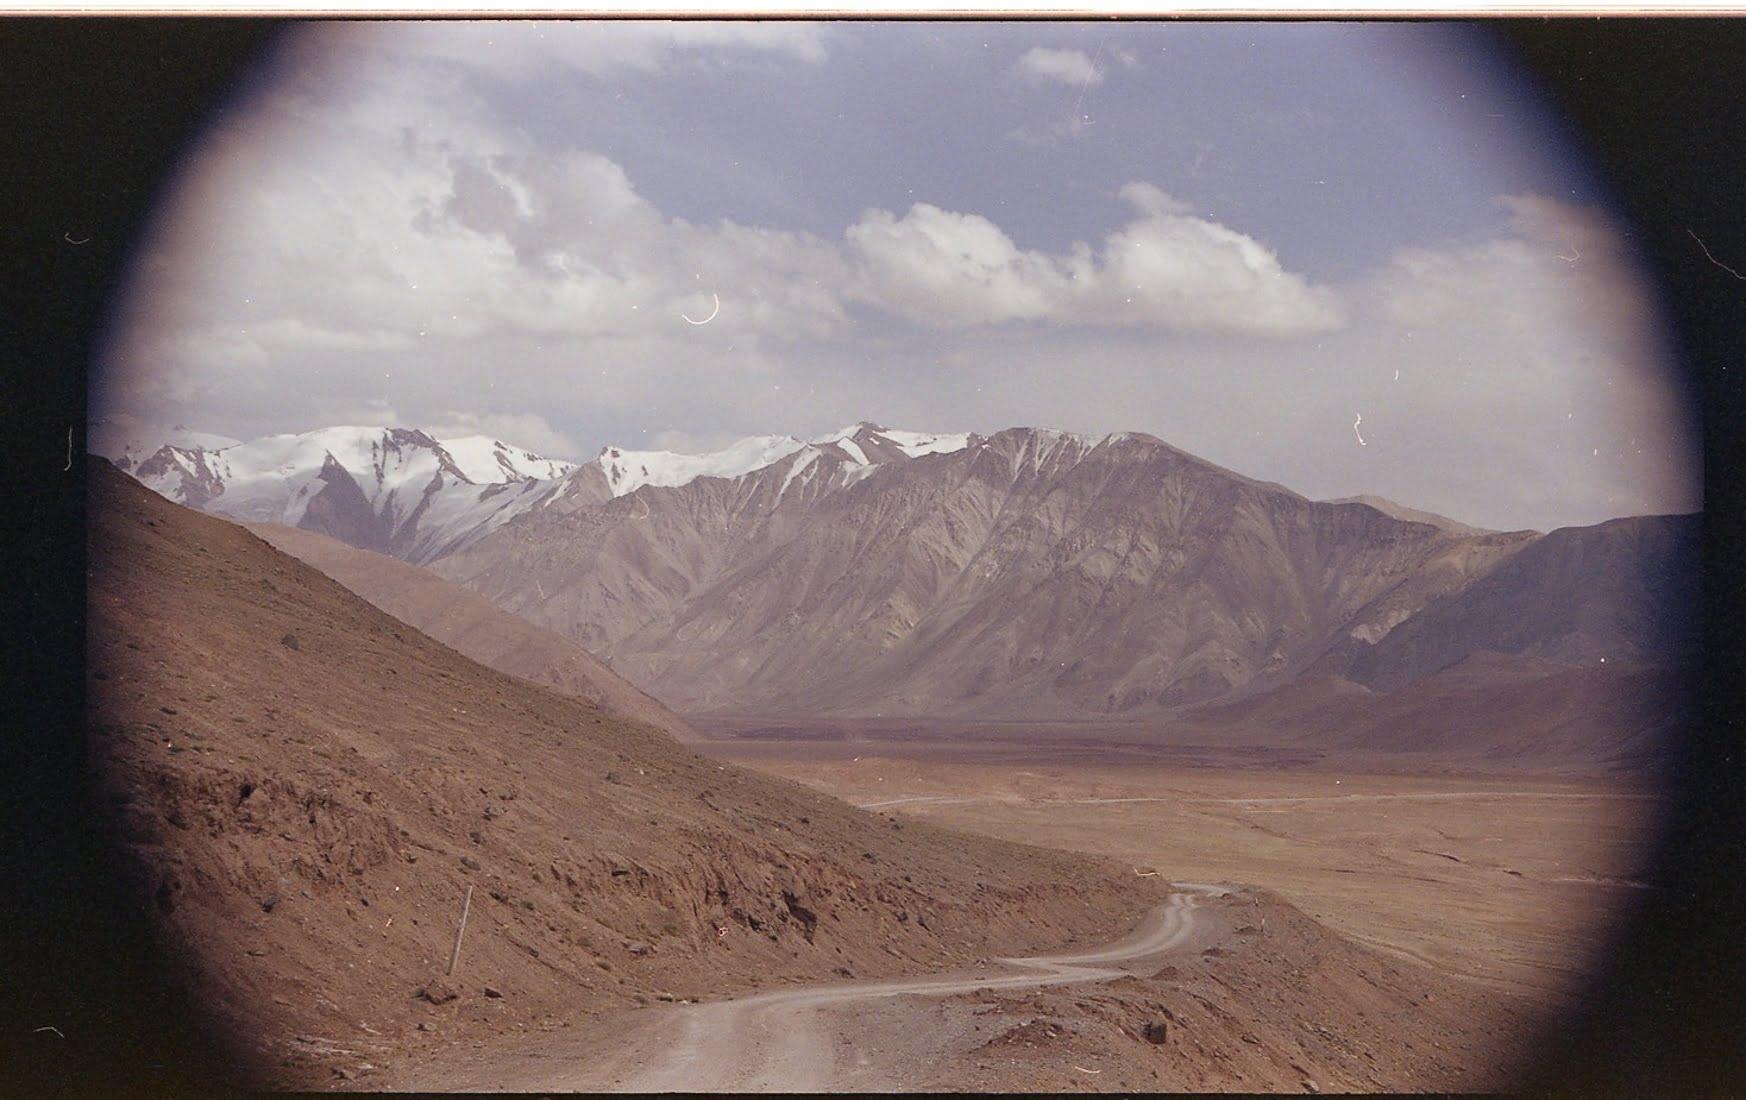 les montagnes du pamir au Tadjikistan